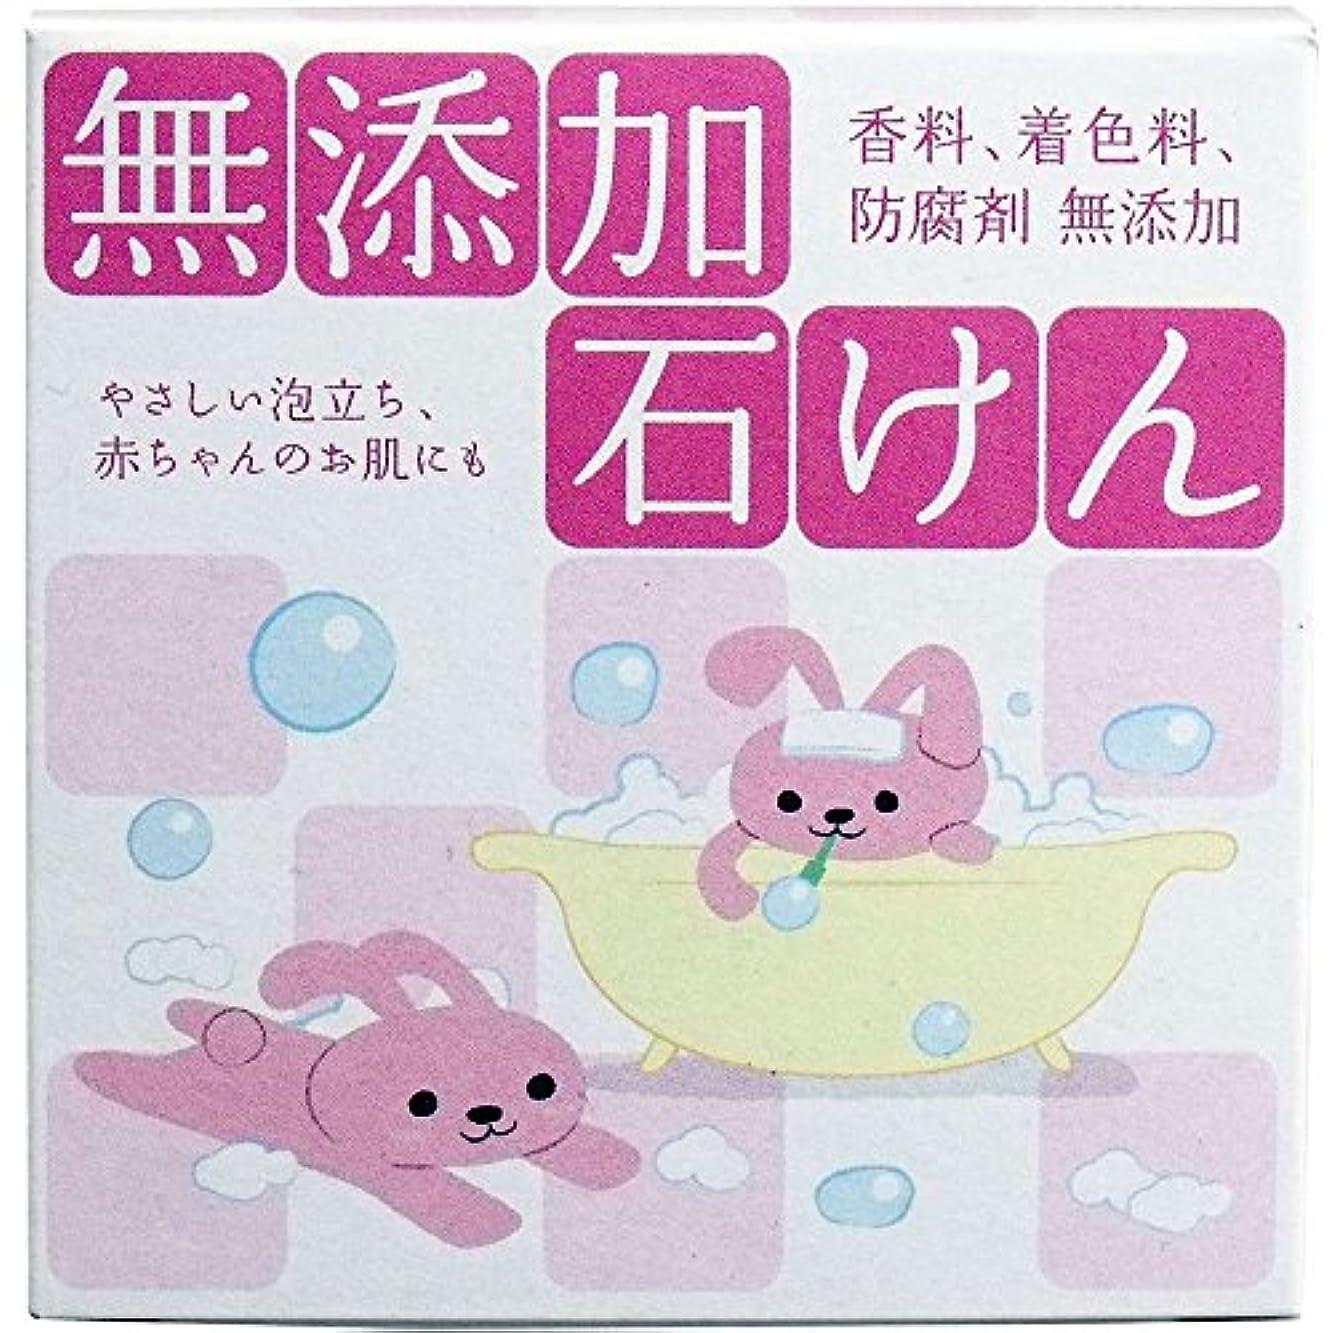 準拠吹雪疾患【クロバーコーポレーション】無添加石鹸 80g